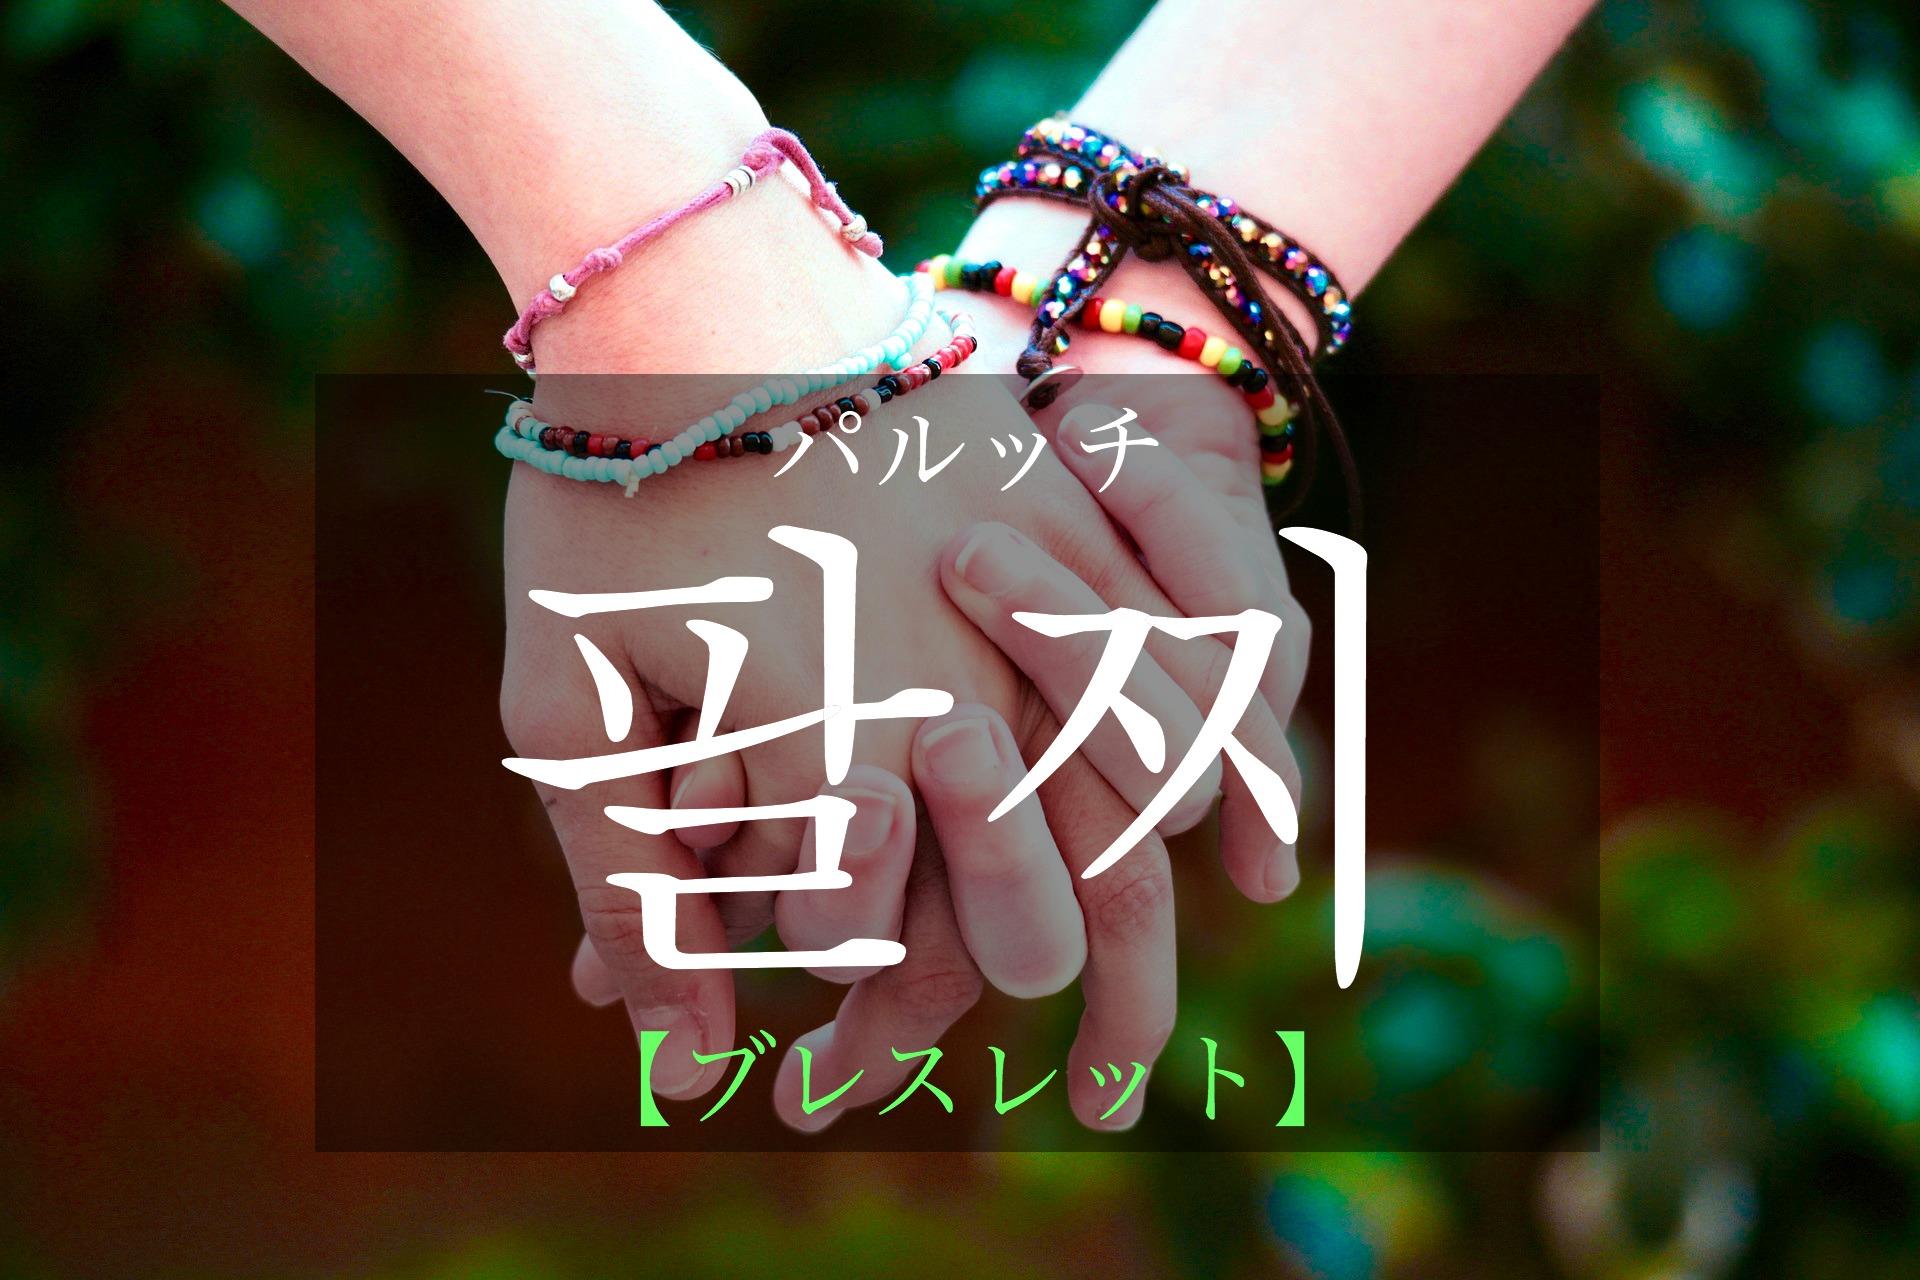 韓国語で「ブレスレット」の【팔찌(パルッチ)】をタメ語で覚えよう!